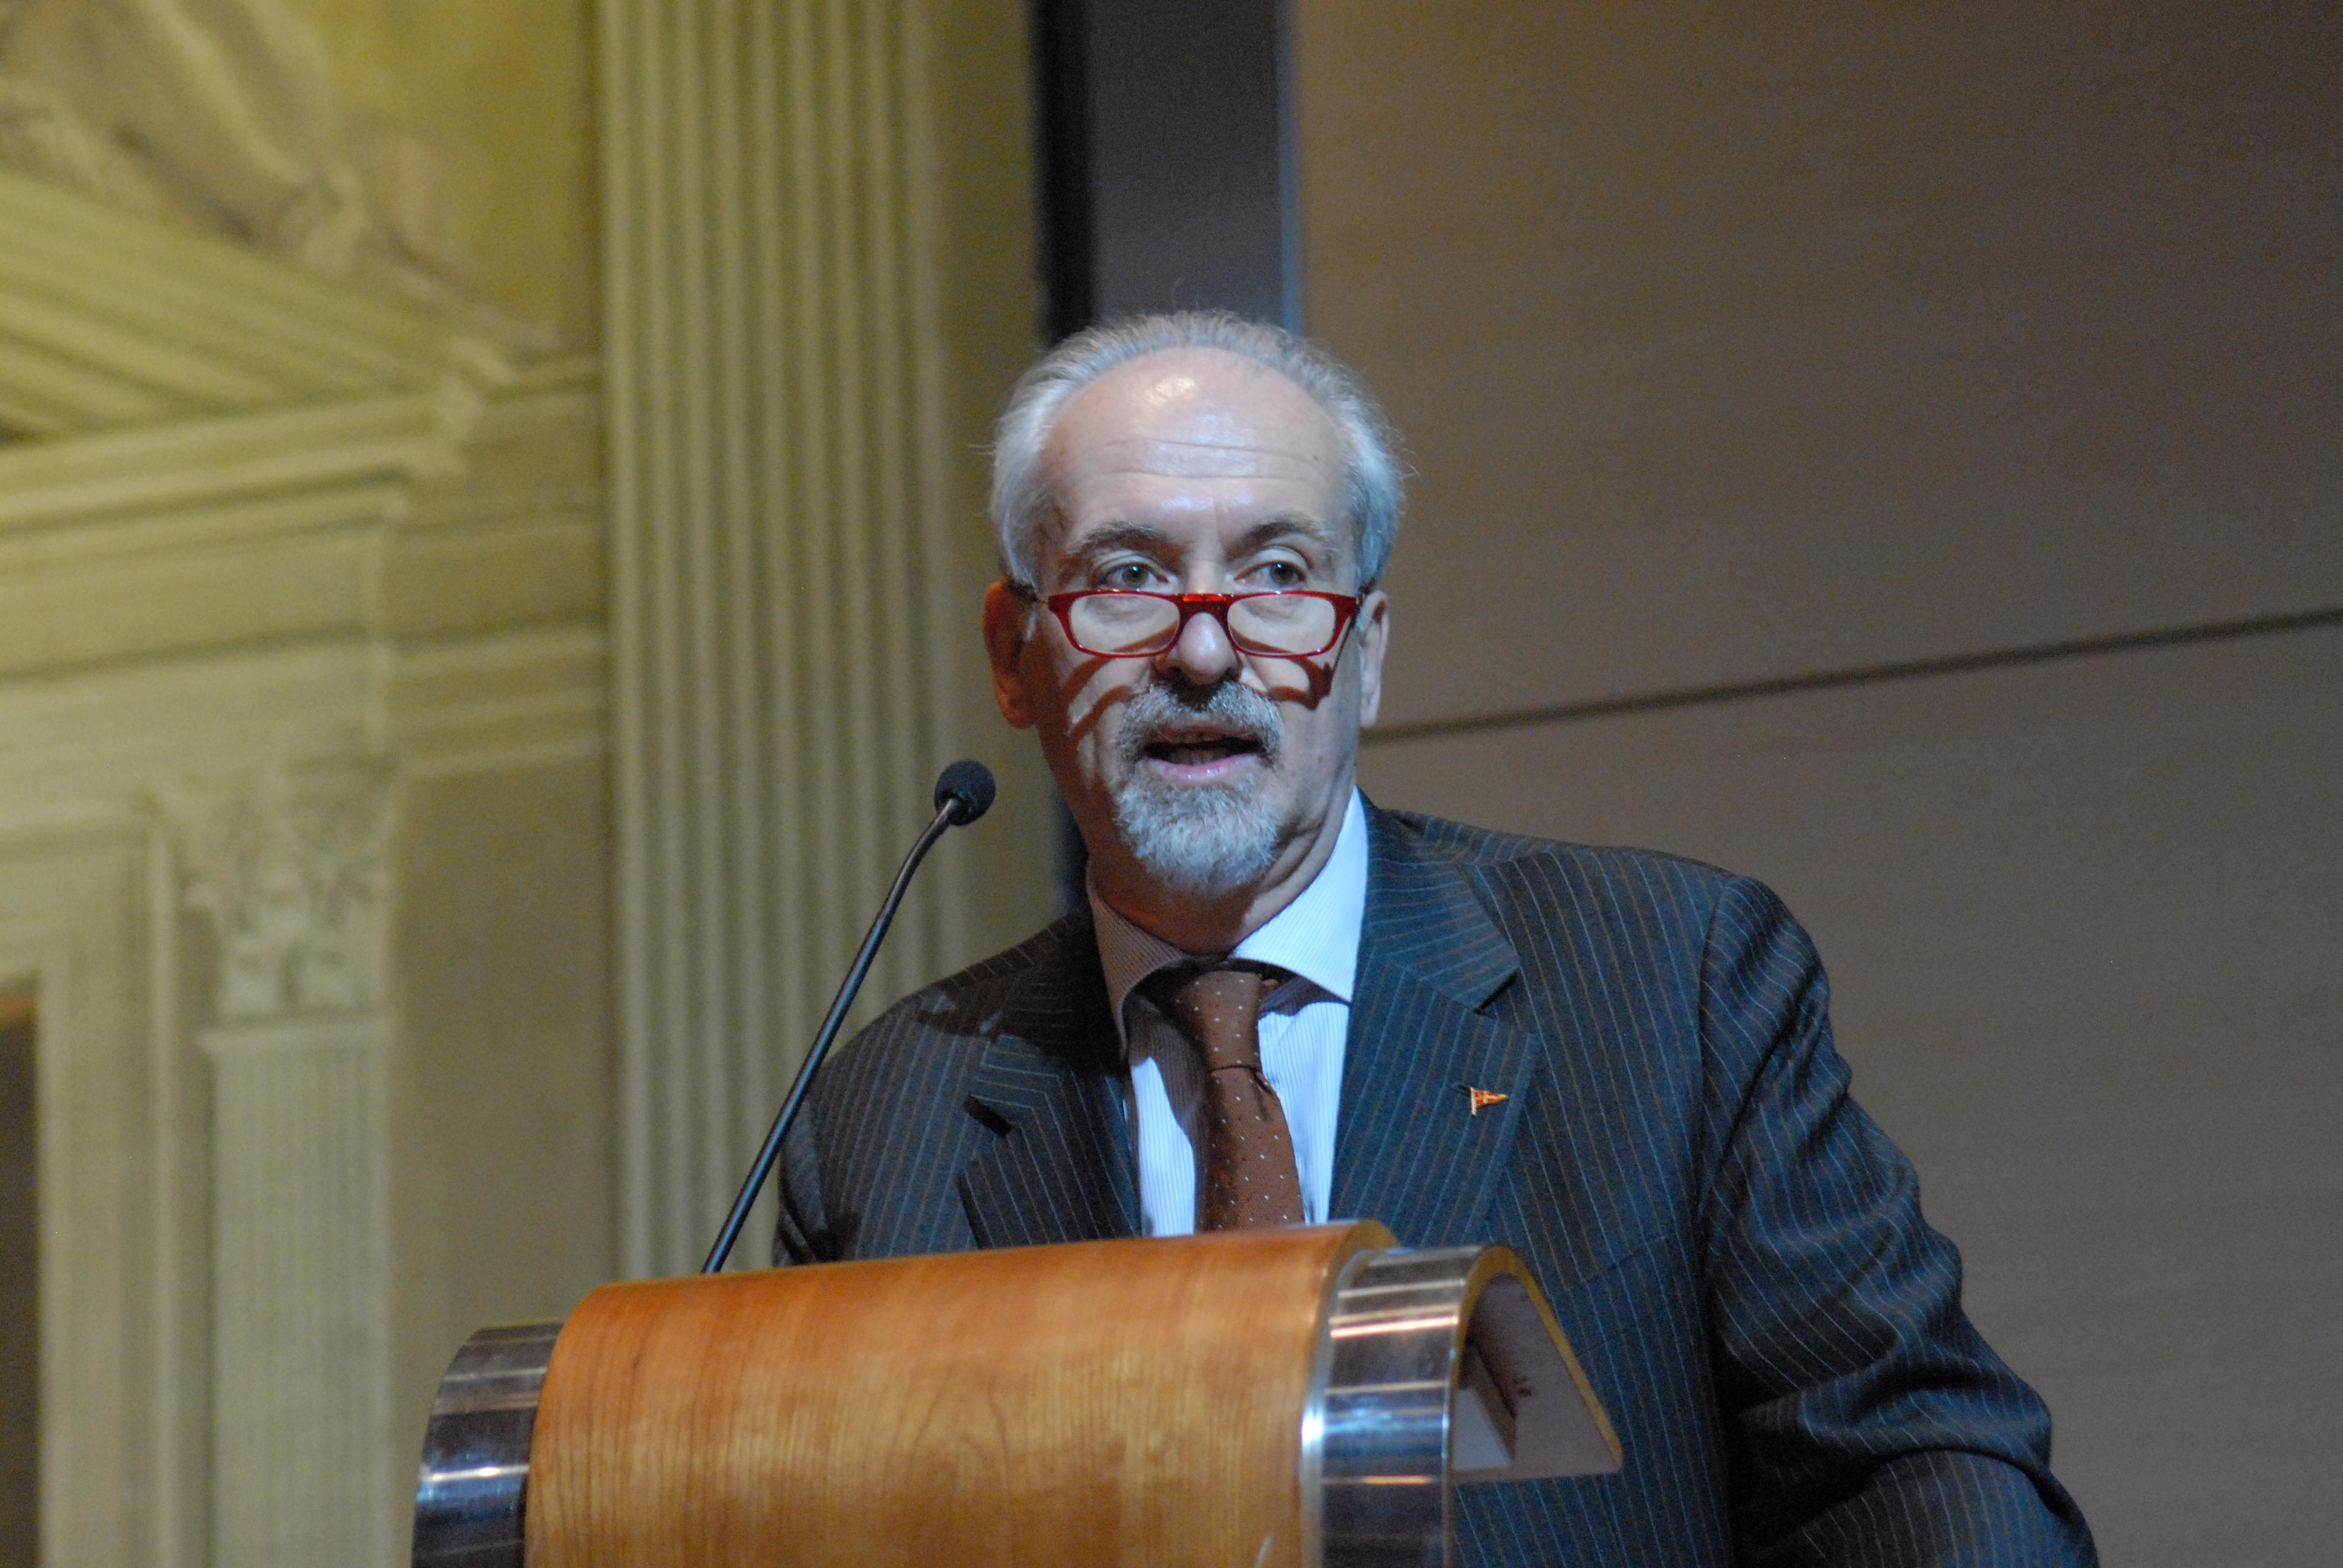 L'avv. Romolo Reboa tiene il discorso per la sua candidatura al Senato della Repubblica